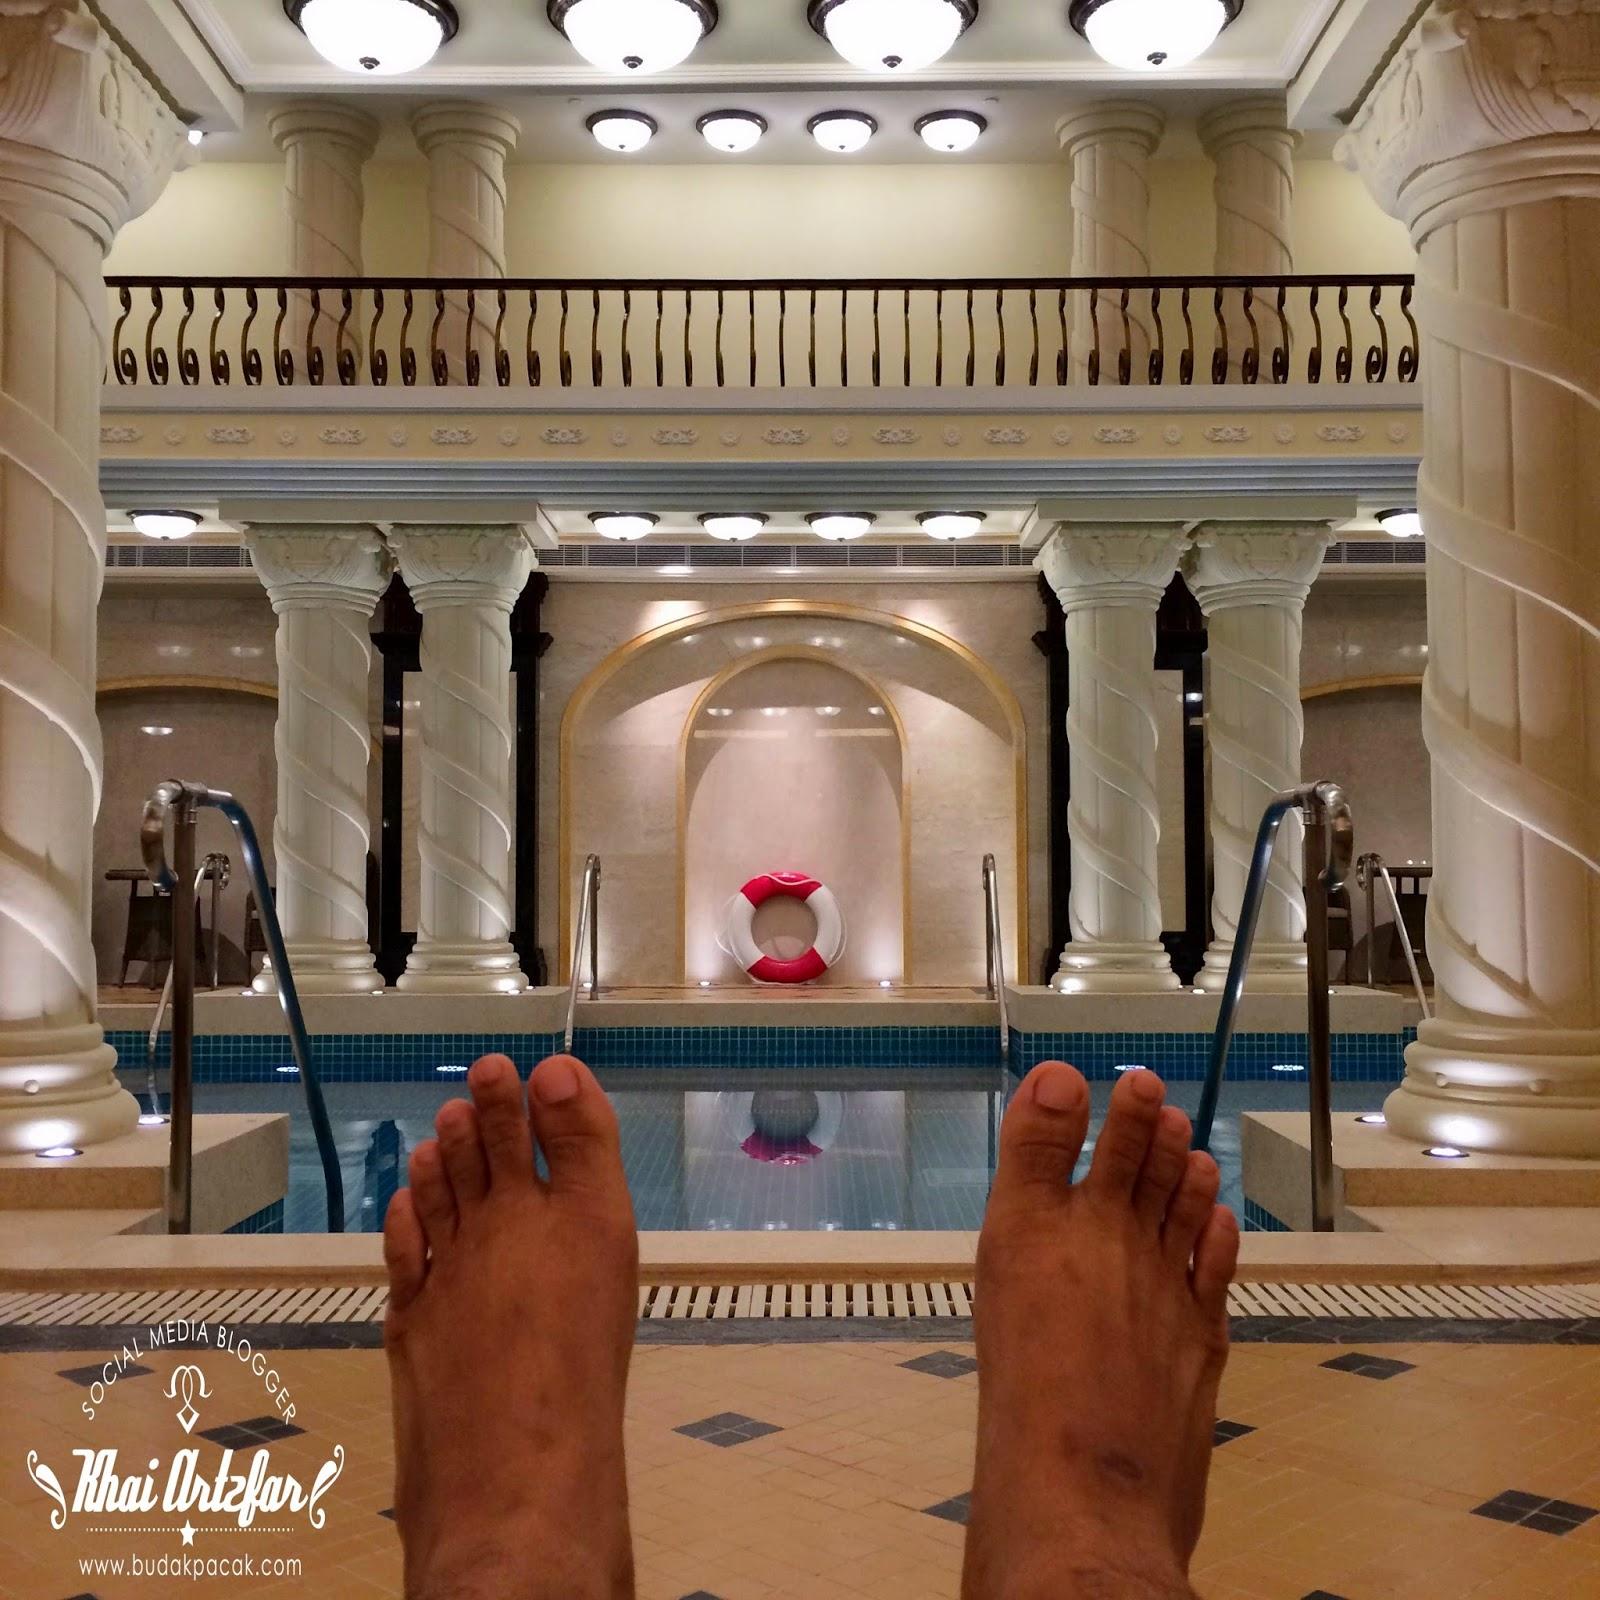 Yang bestnya hotel yang bertaraf 4 bintang ini baru sahaja di buka pada Februari yang lalu dan kiteorang antara rakyat Malaysia yang terawal menginap di